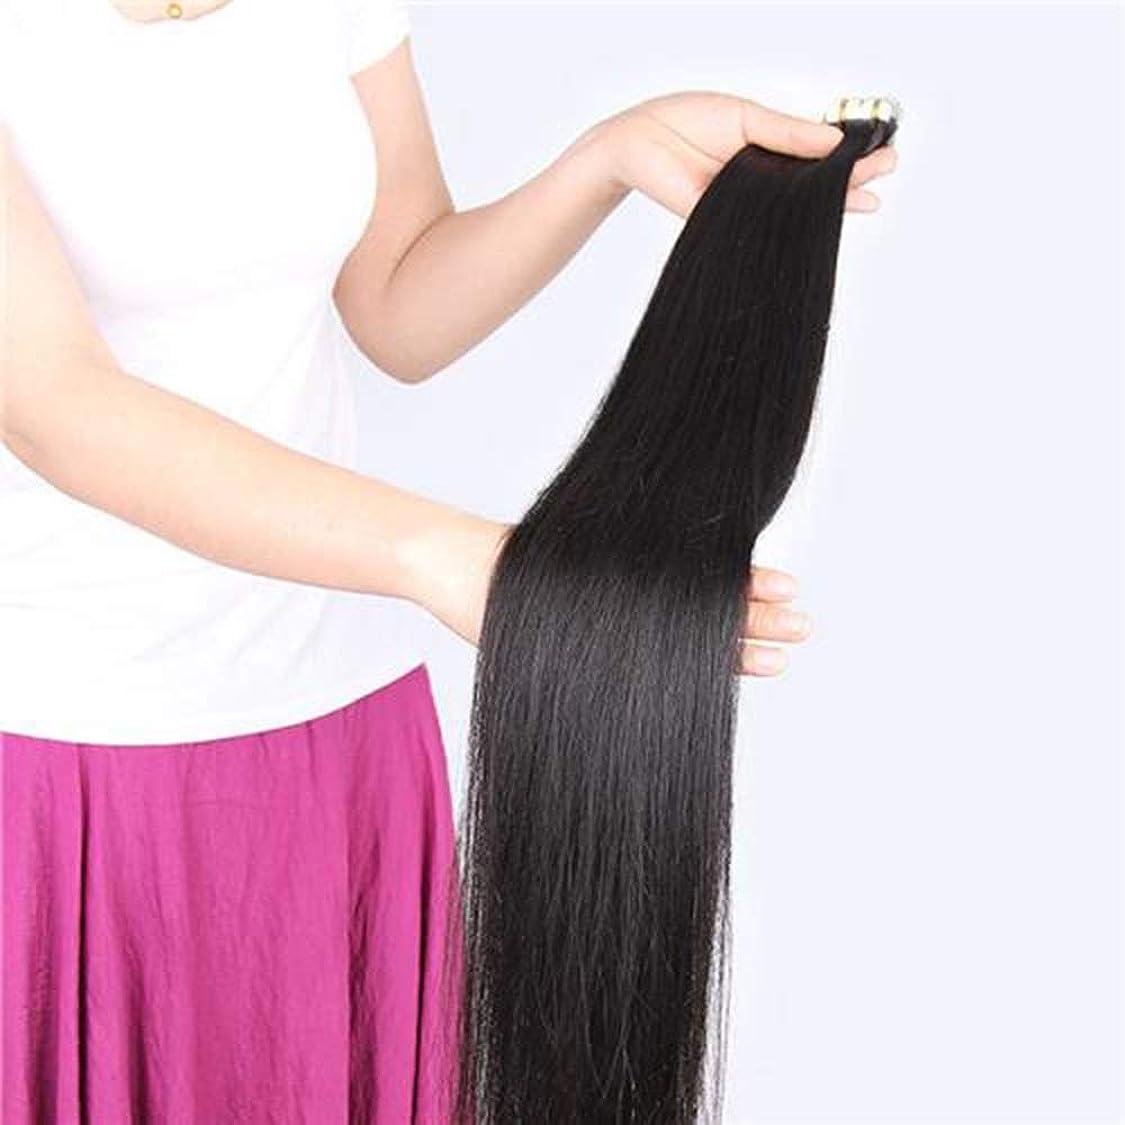 る比べる告白BOBIDYEE 人毛エクステンションクリップイン - ダブルよこ糸 - 100%本物の髪20ピースフルヘッド用女性合成髪レースかつらロールプレイングかつらロングとショートの女性自然 (色 : Natural color, サイズ : 60cm)